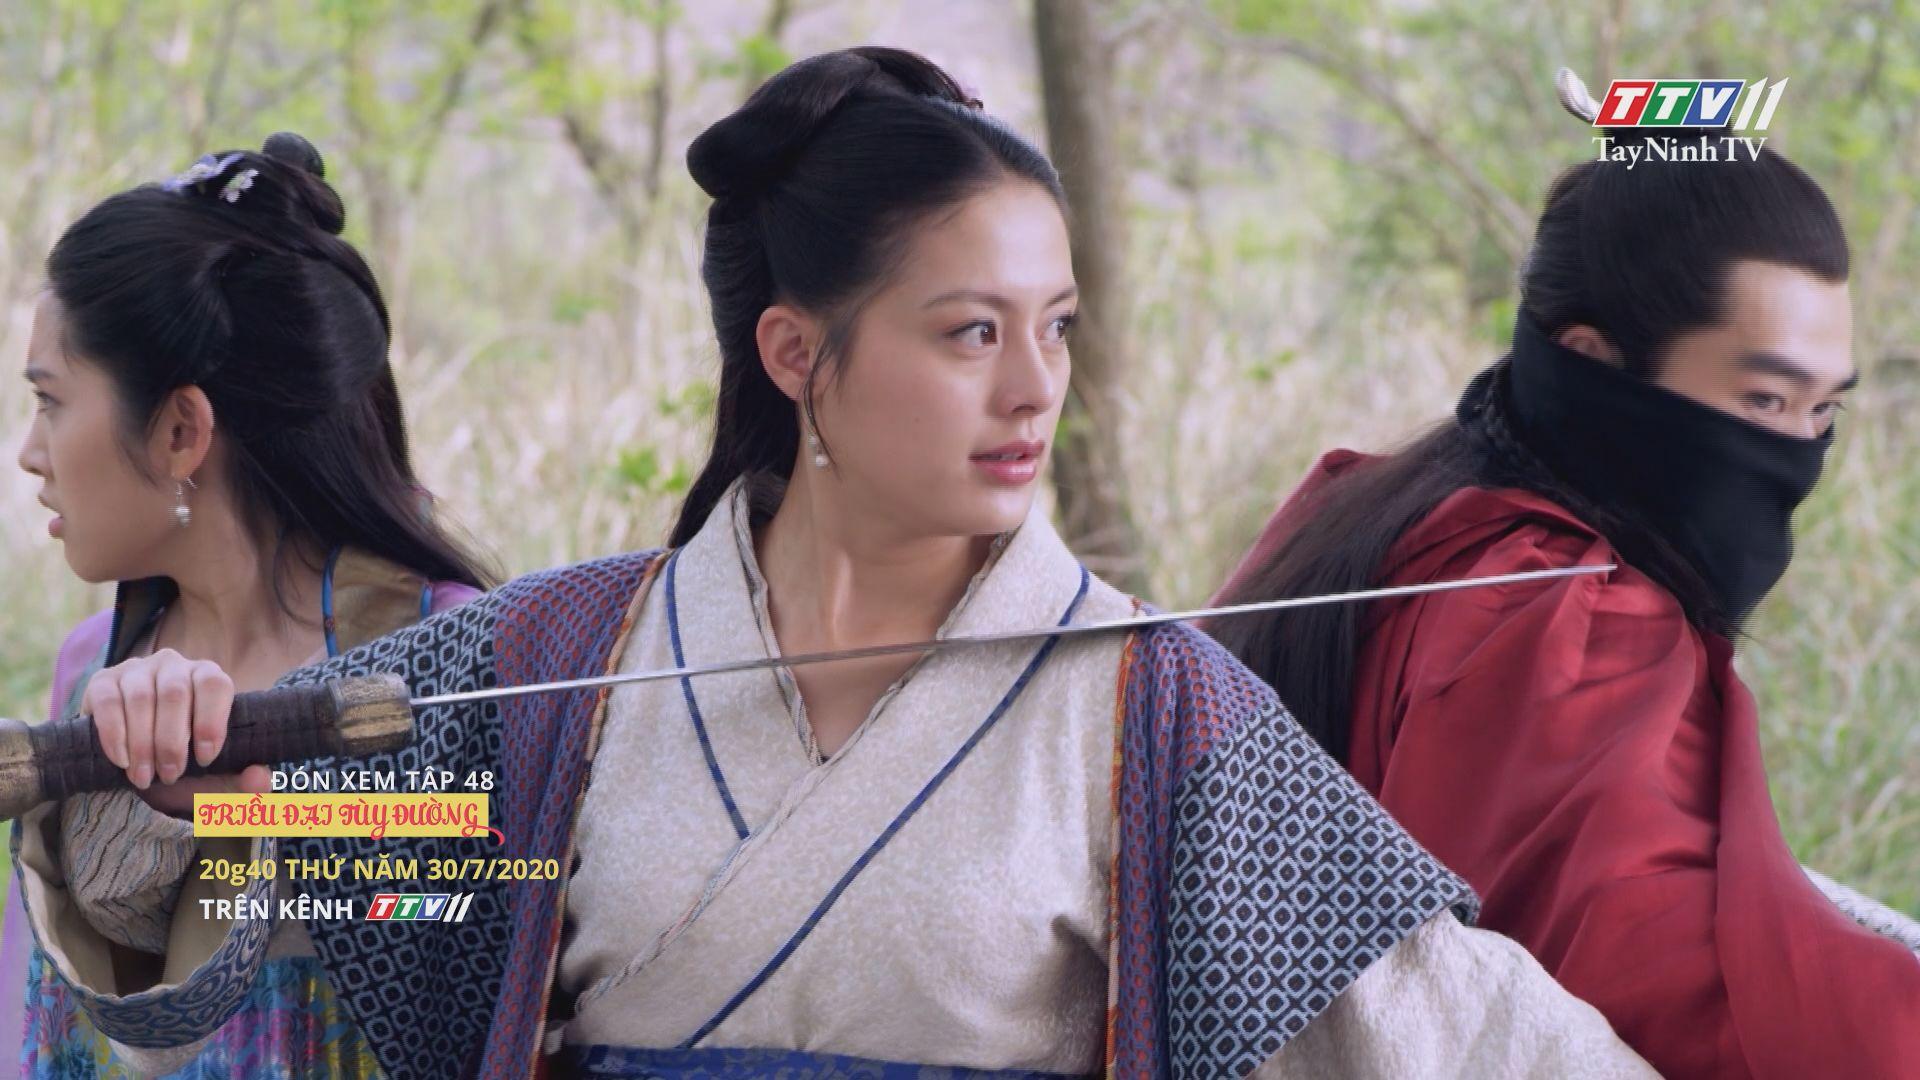 Triều đại Tùy Đường - TẬP 48 trailer | TRIỀU ĐẠI TÙY ĐƯỜNG | TayNinhTV